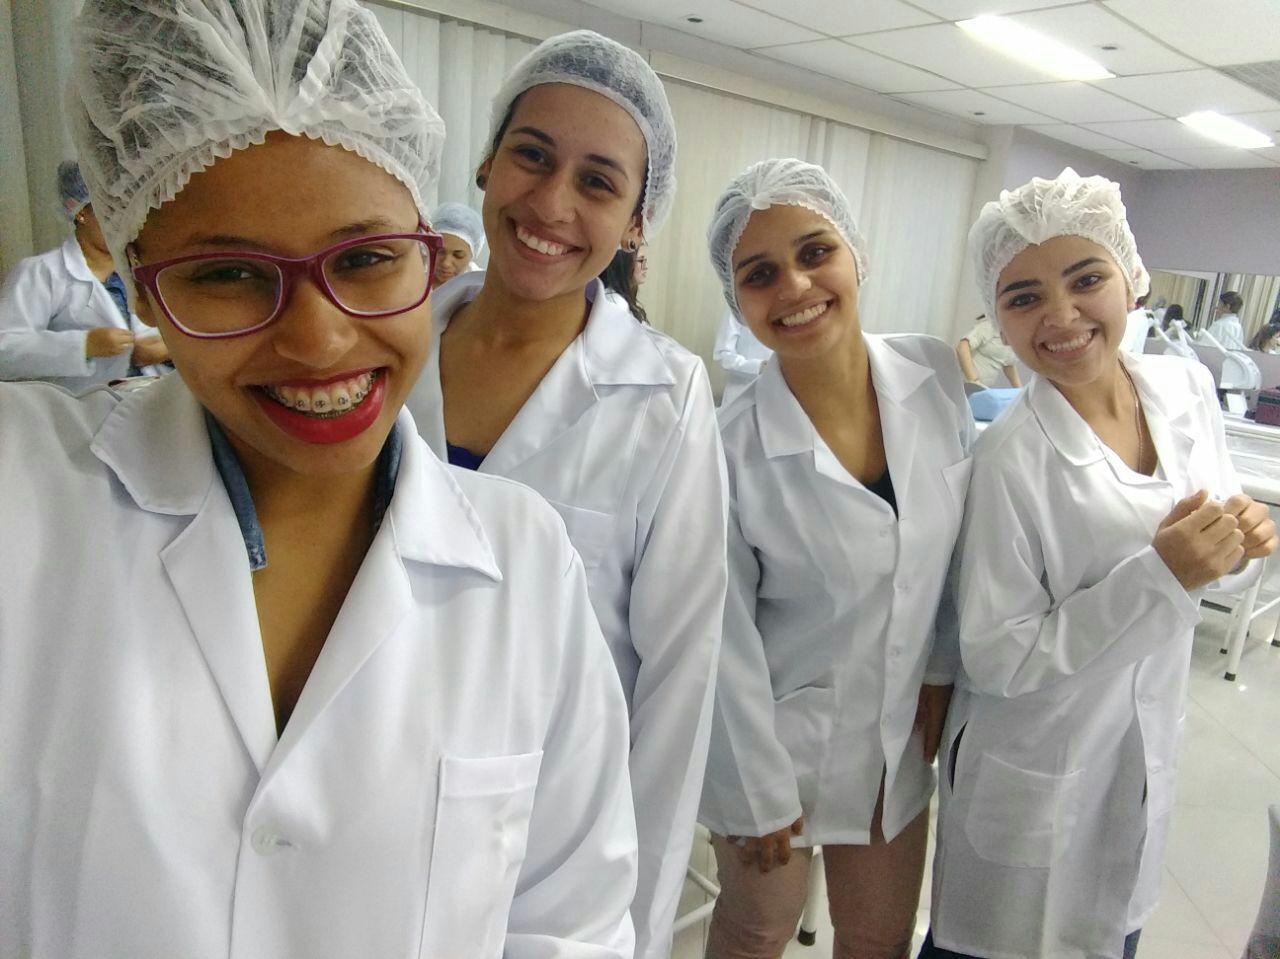 Aula de Técnicas faciais na universidade Famesp. Iniciamos o processo de higienização de pele. estética estudante (esteticista)